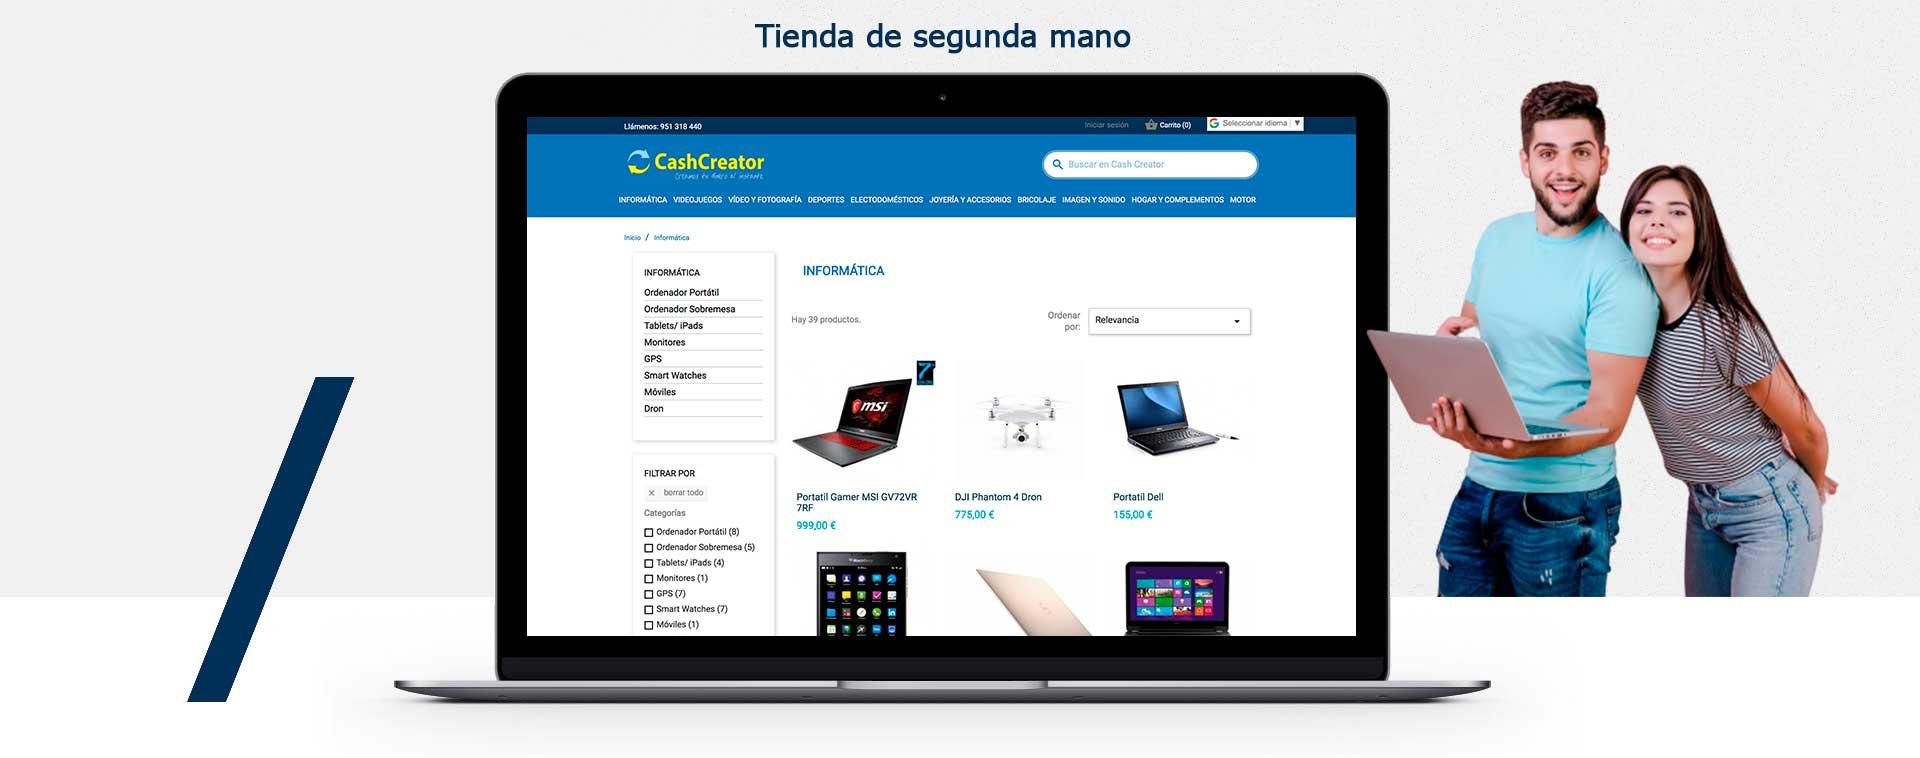 diseño de tienda online tienda de empeñoMarbella Malaga